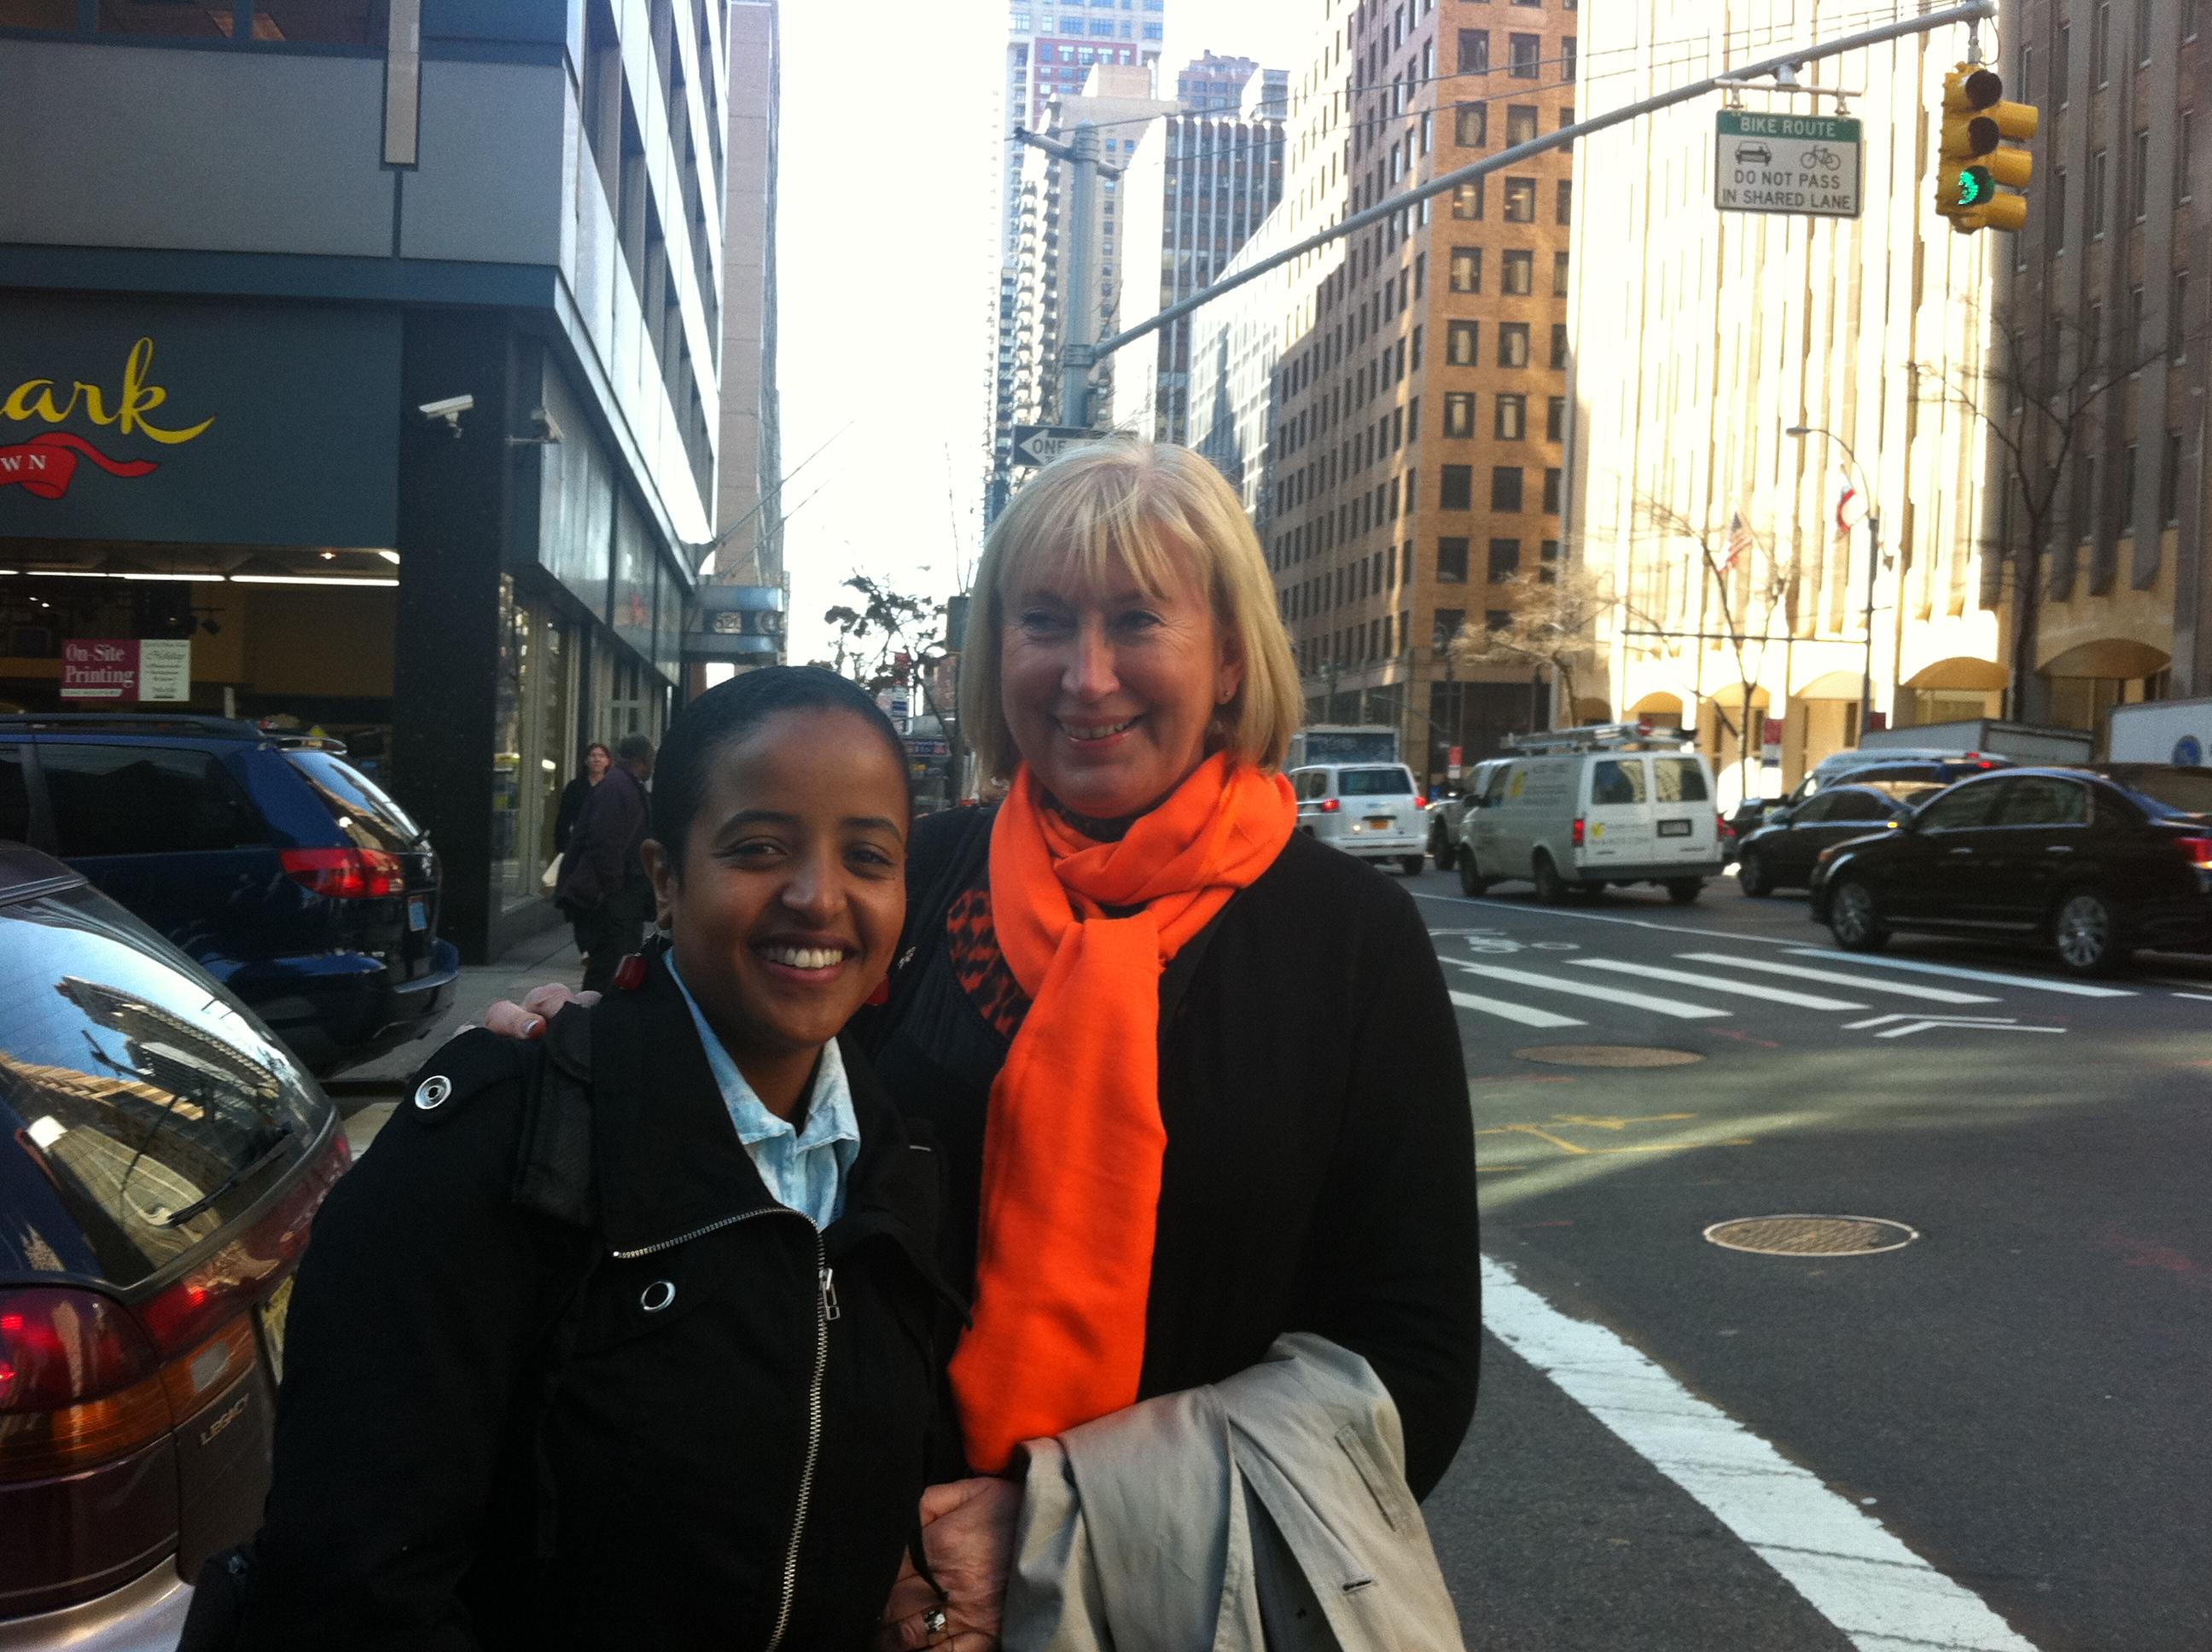 Birikit Terefe (Women's Health Association of Ethiopia) og gjesteblogger Anne-Karin Nygård (Norske Kvinners Sanitetsforening) i New York på FNs kvinnekommisjon